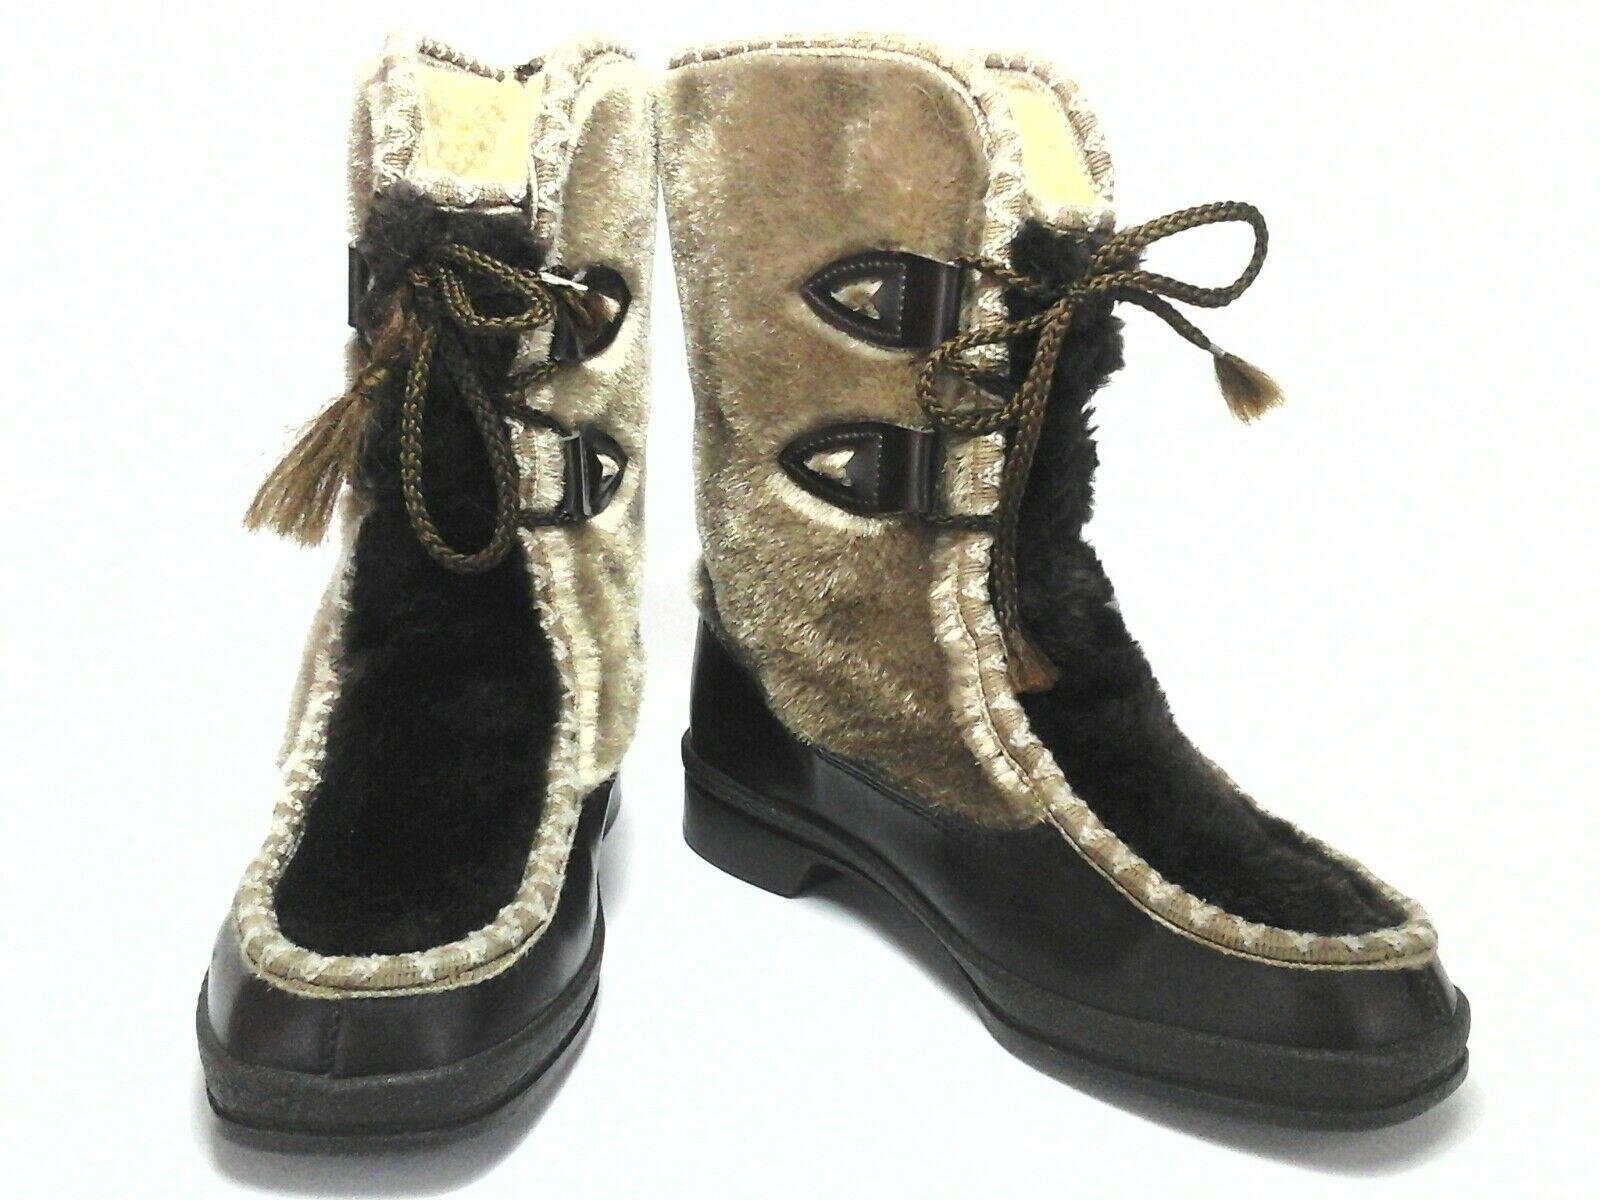 Snowland botas De Goma Marrón Imitación Piel Vintage años 70 70 70 Invierno para Mujer US 7 EU 37. 5  envío rápido en todo el mundo